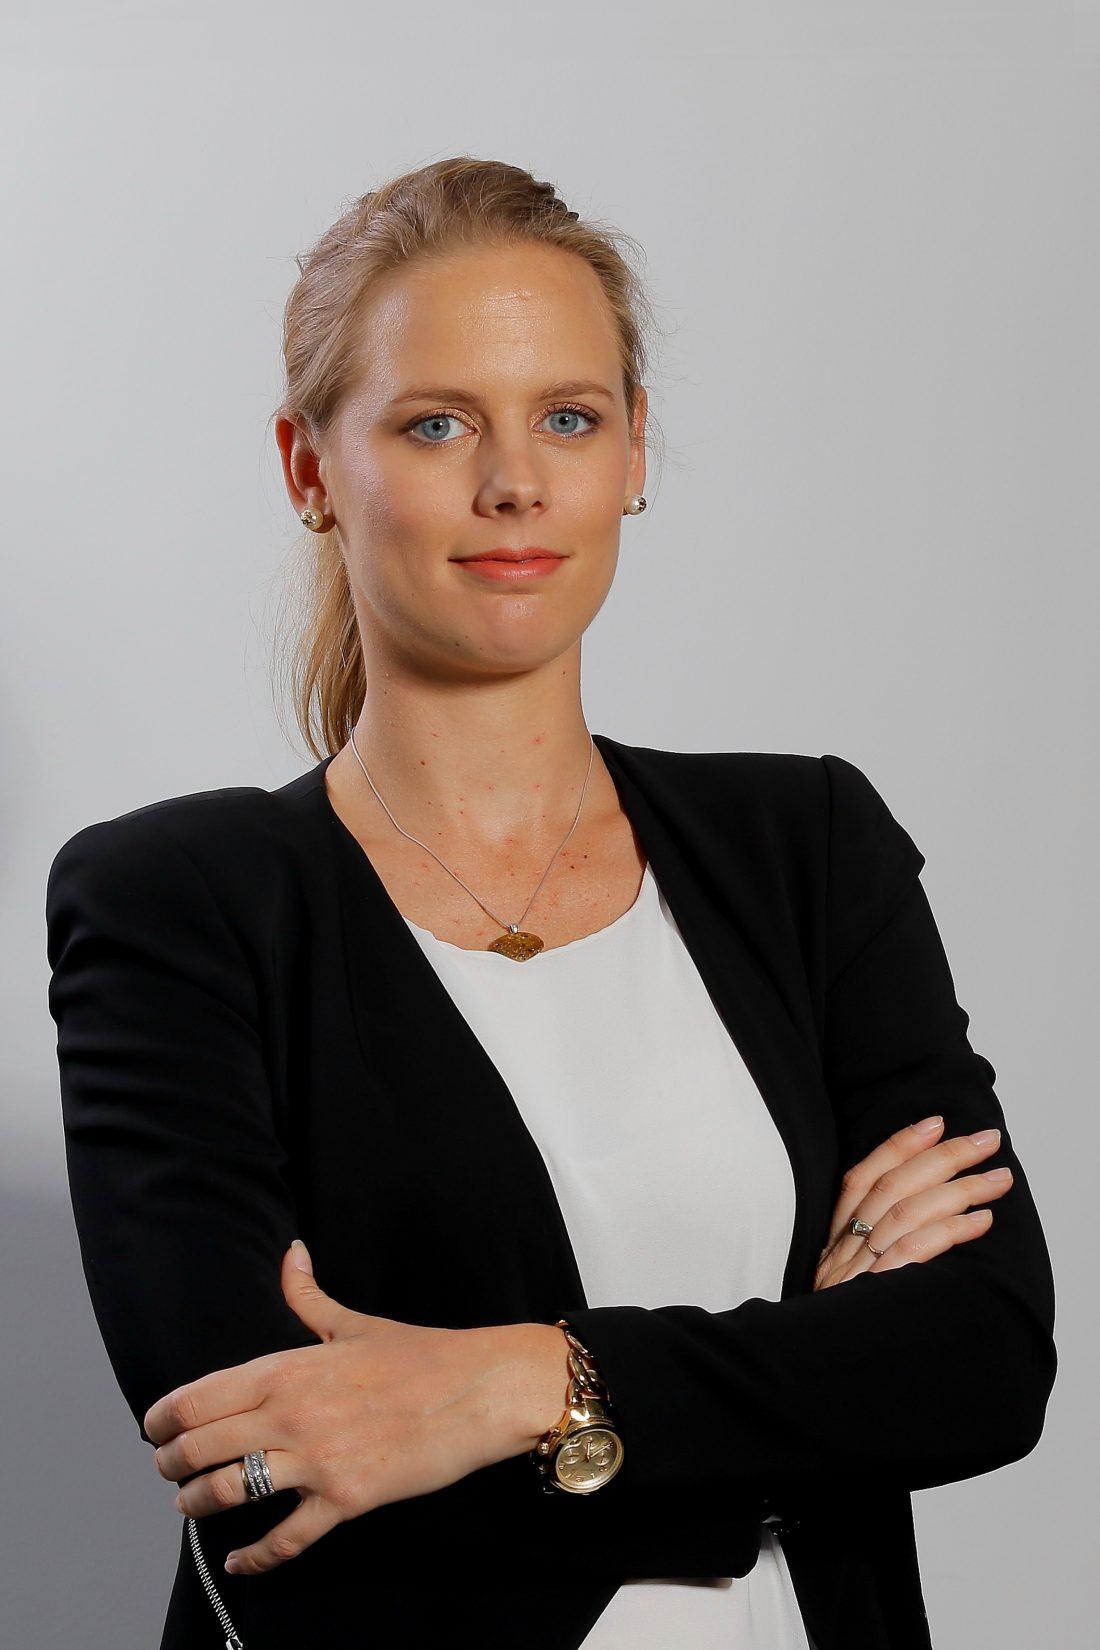 Karolina Bodych